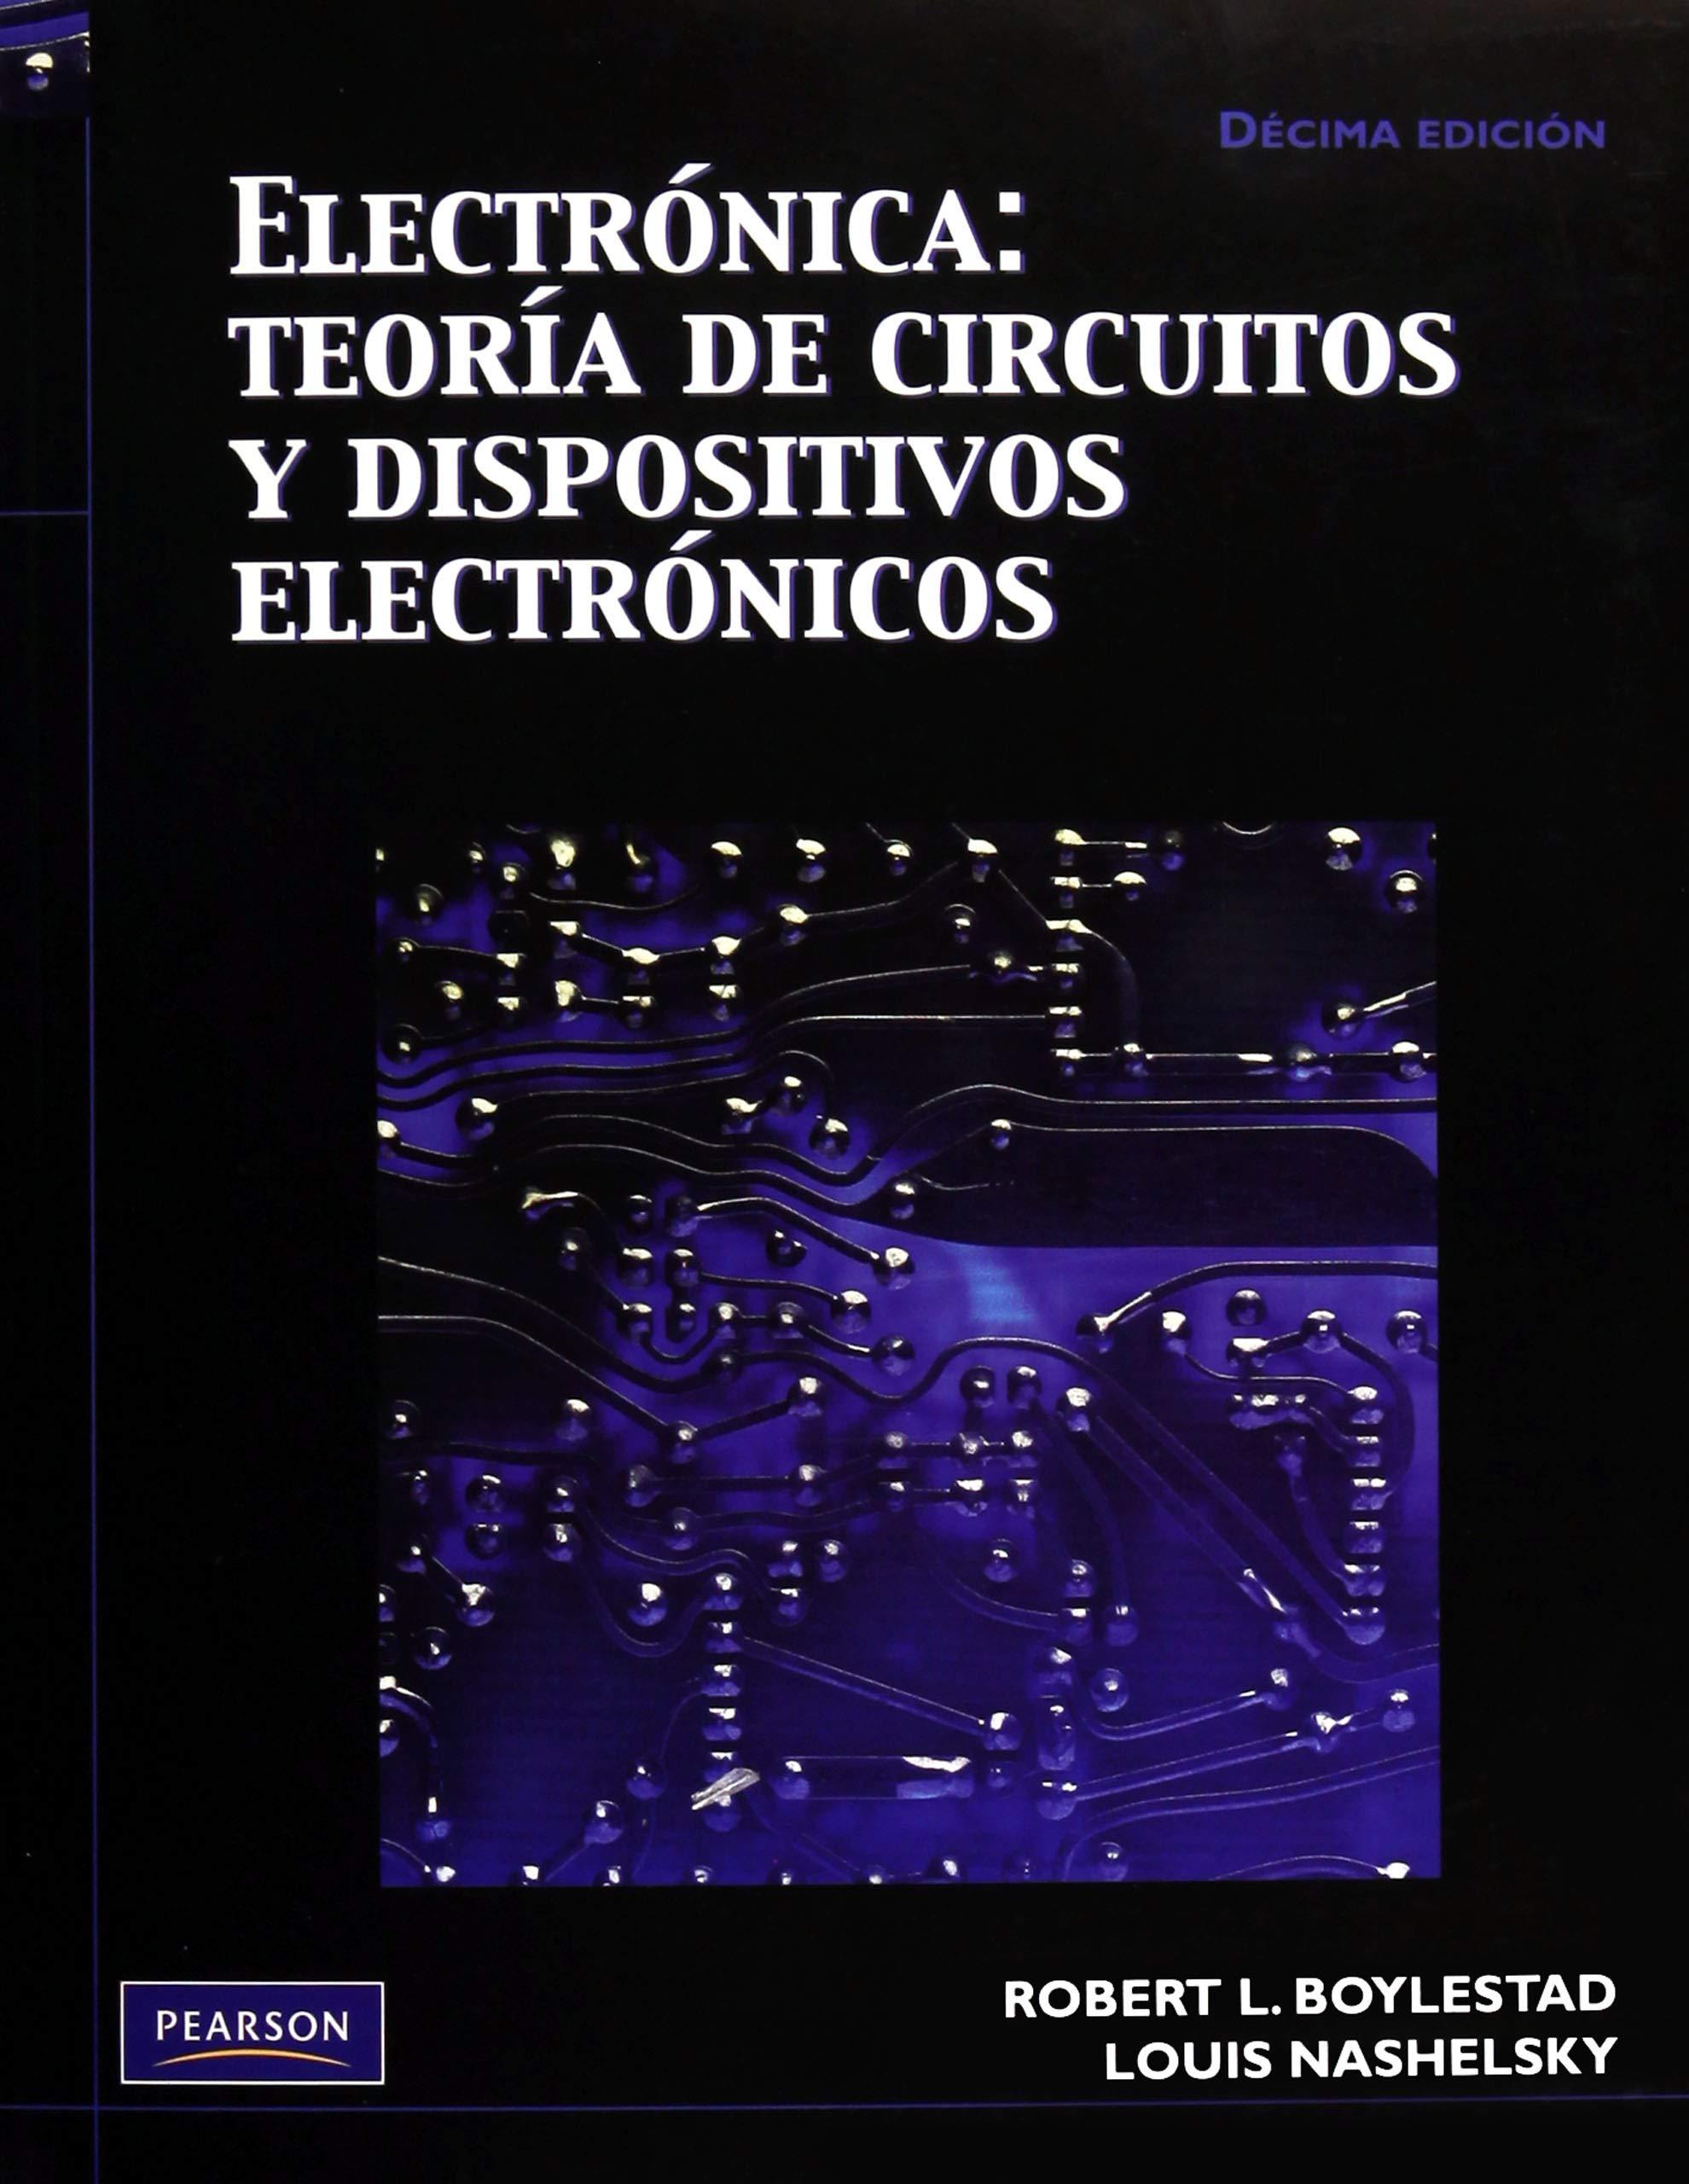 Electrónica: Teoría De Circuitos Y Dispositivos Electrónicos: Boylestad: 9786074422924: Amazon.com: Books